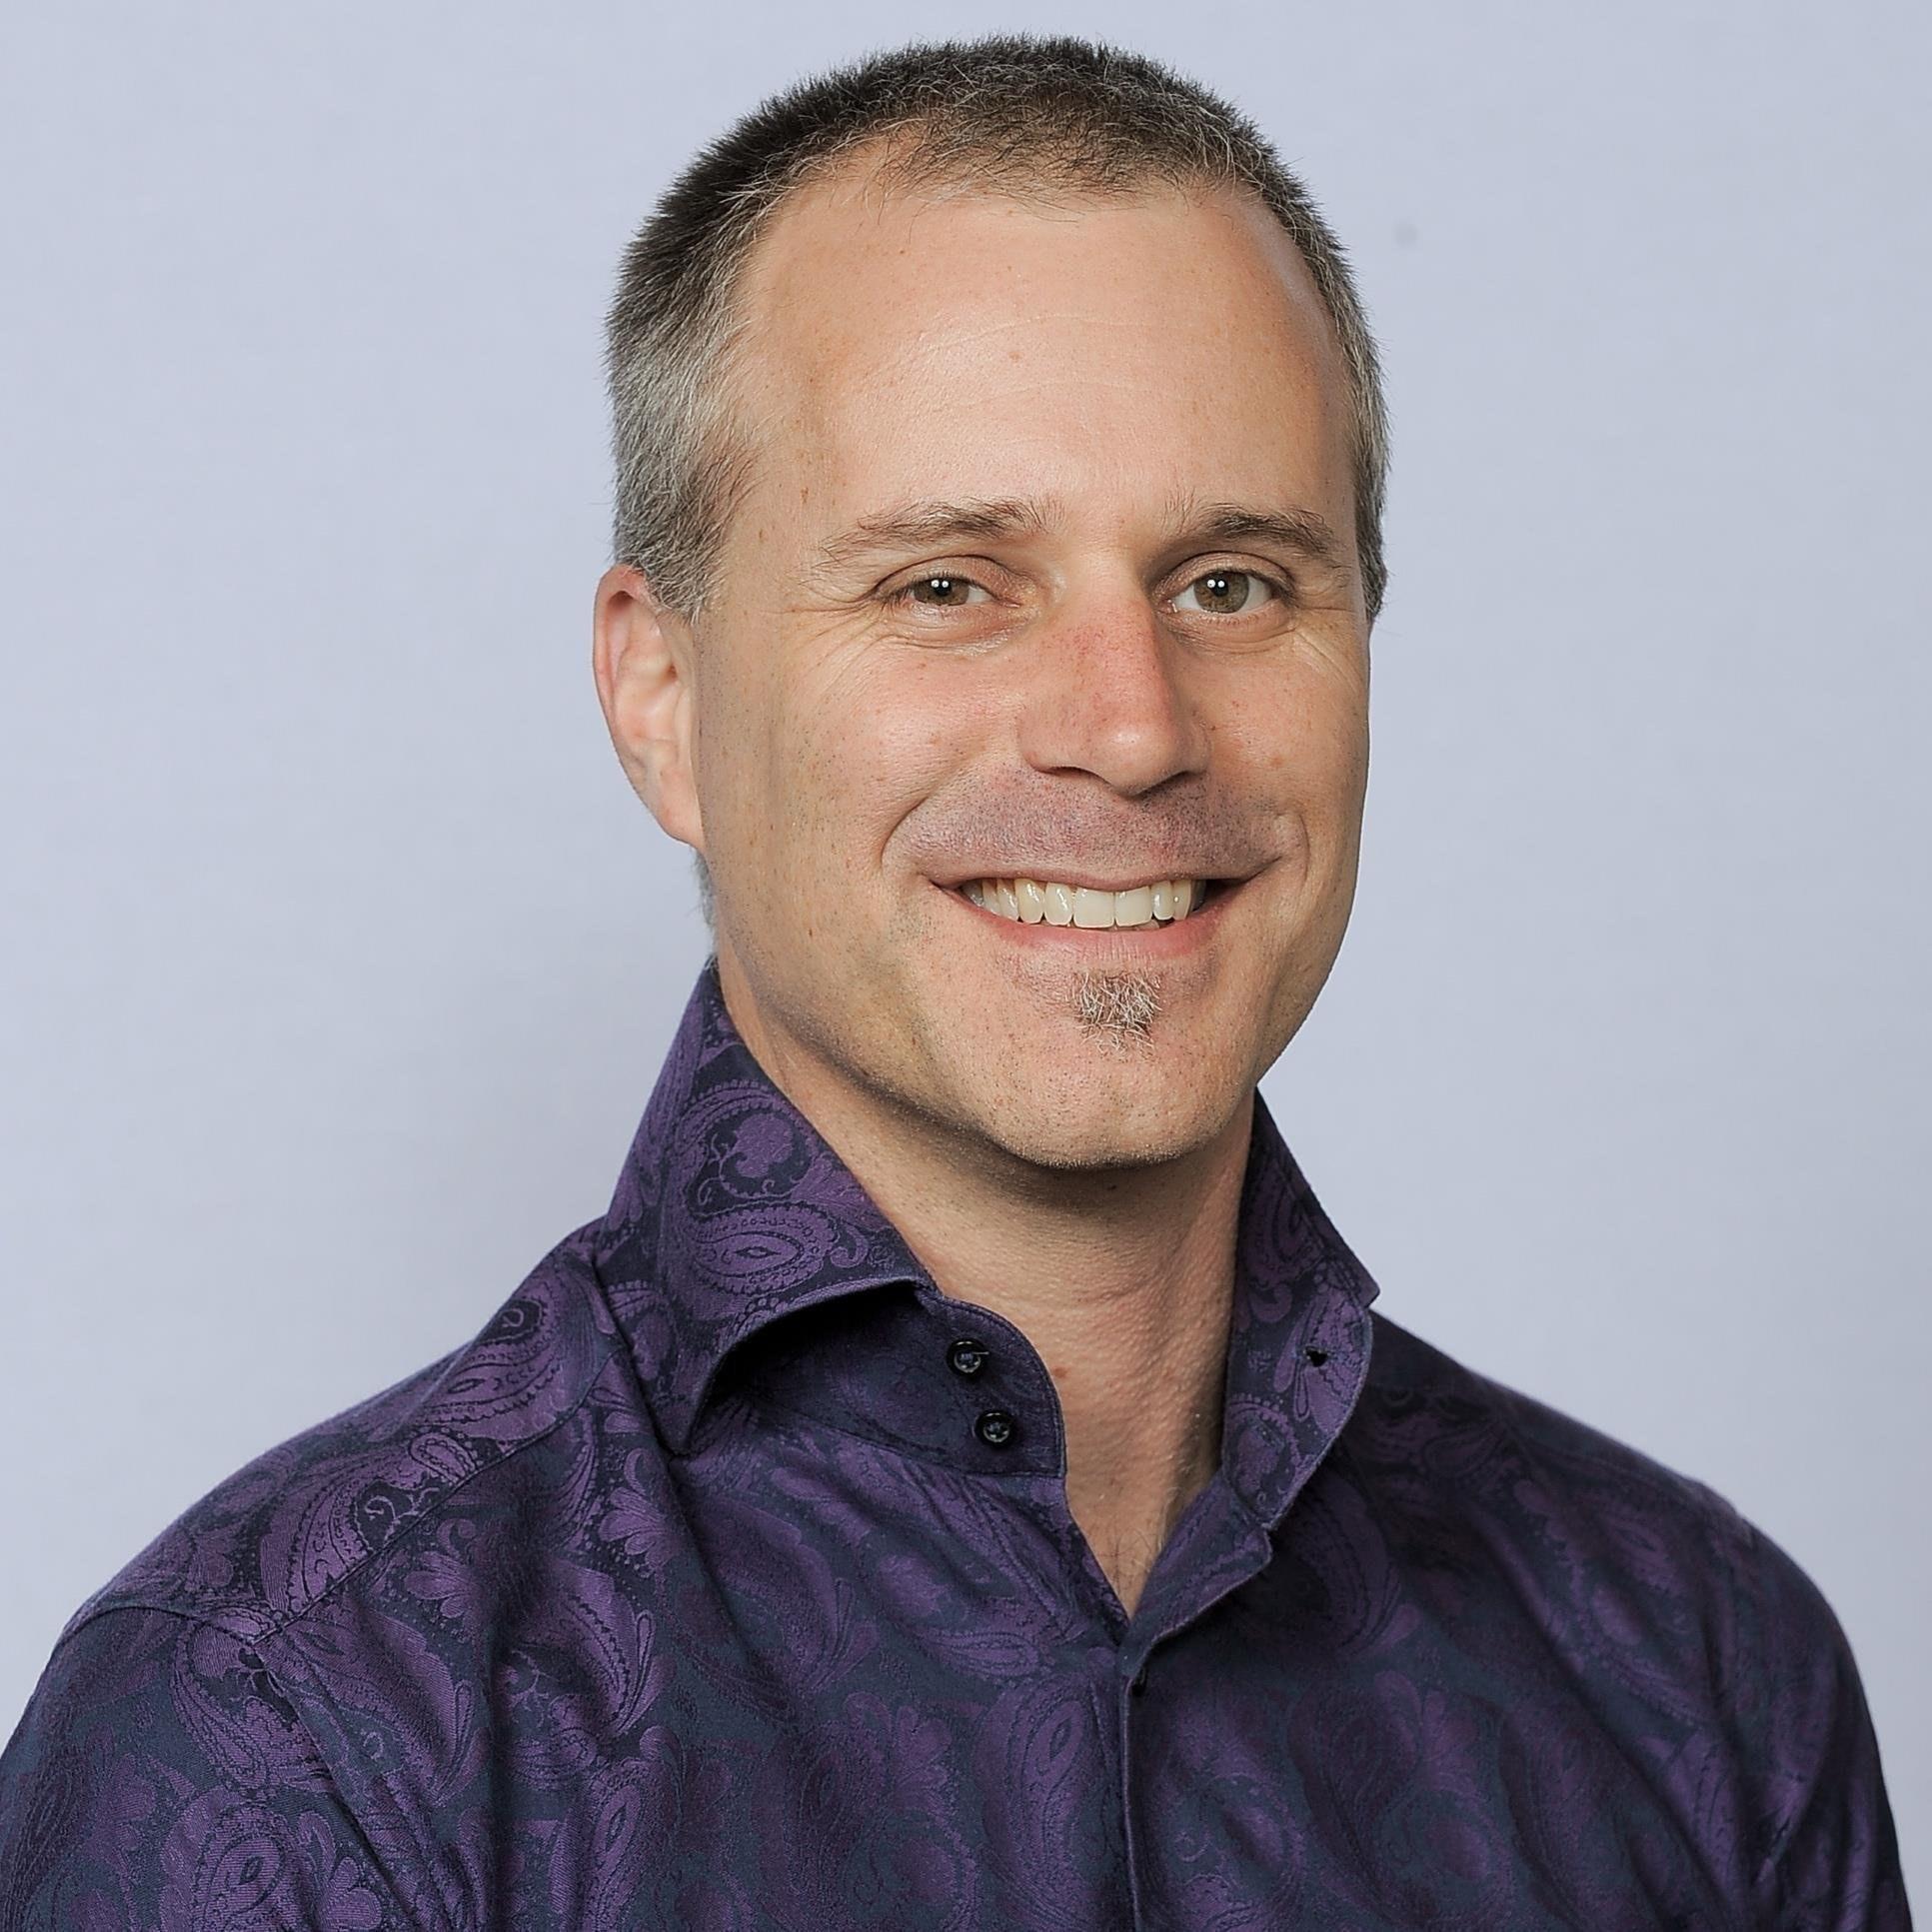 Brian Groth